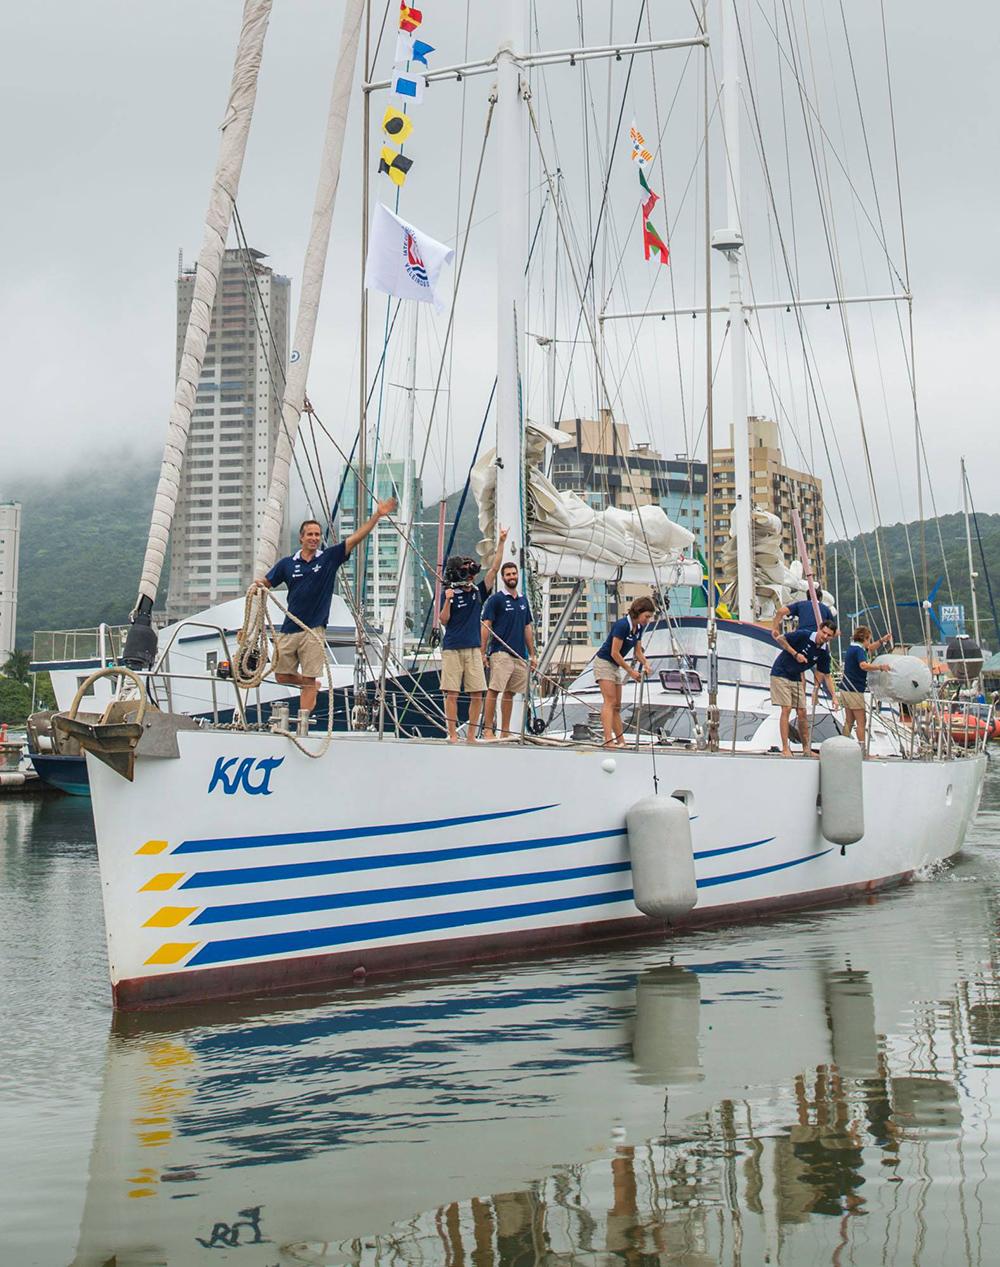 A expedição Oriente aconteceu a bordo do veleiro Kat. Foto: Divulgação/Alexandre Zelinski.